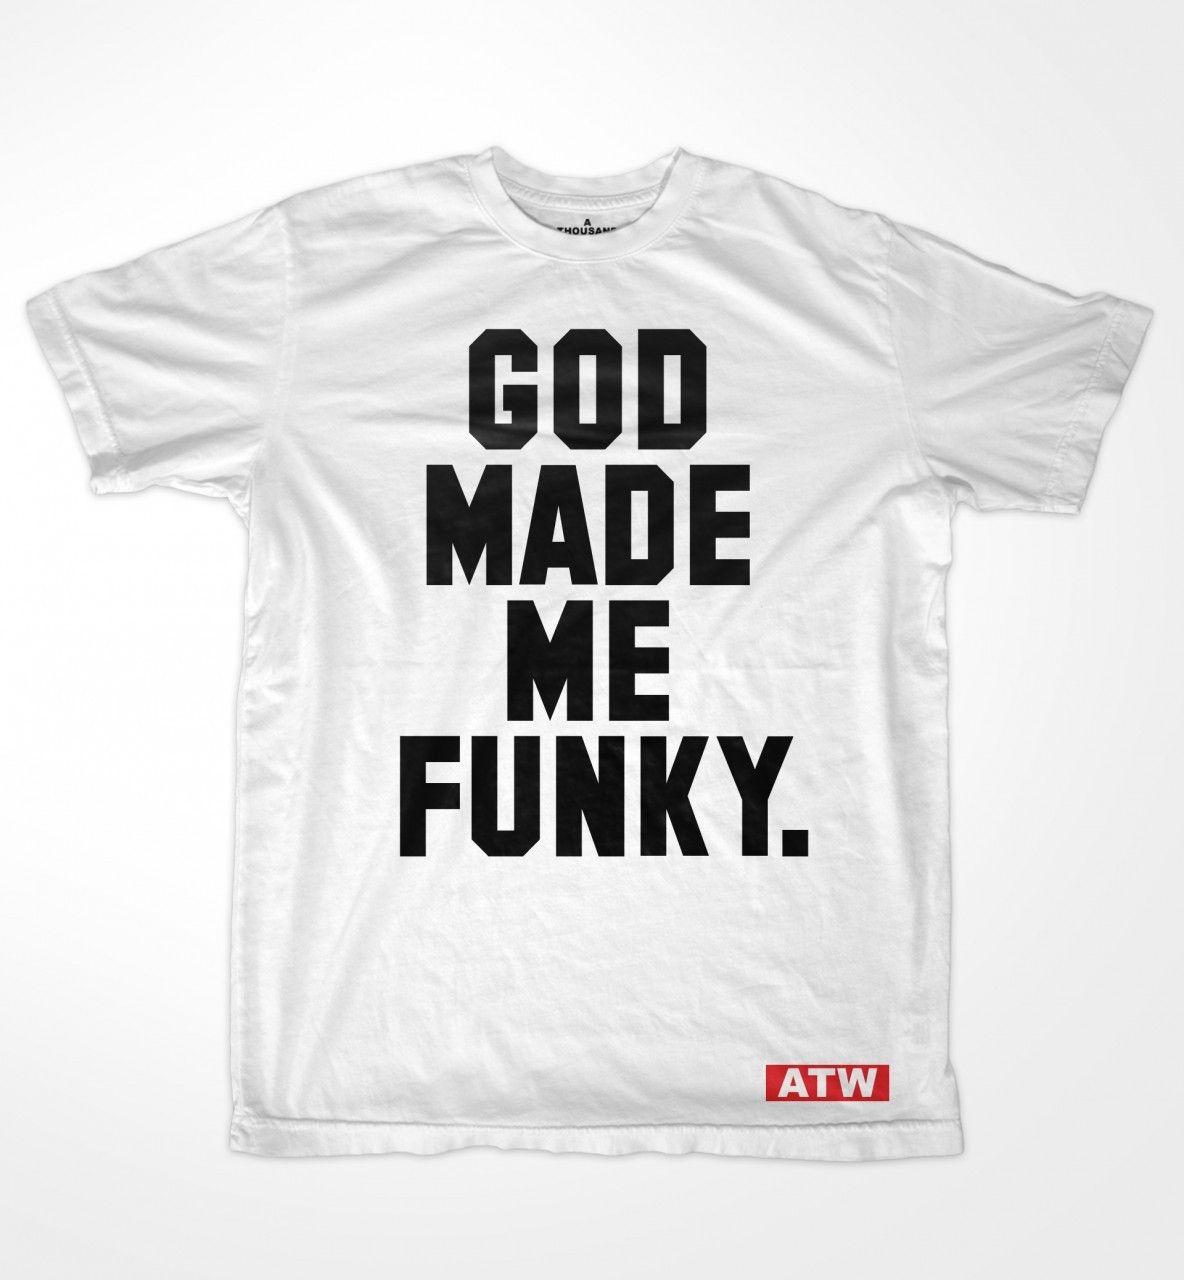 53f2a856c22a God Made Me Funky T-Shirt | T-Shirts | T shirt, Shirts, God made me